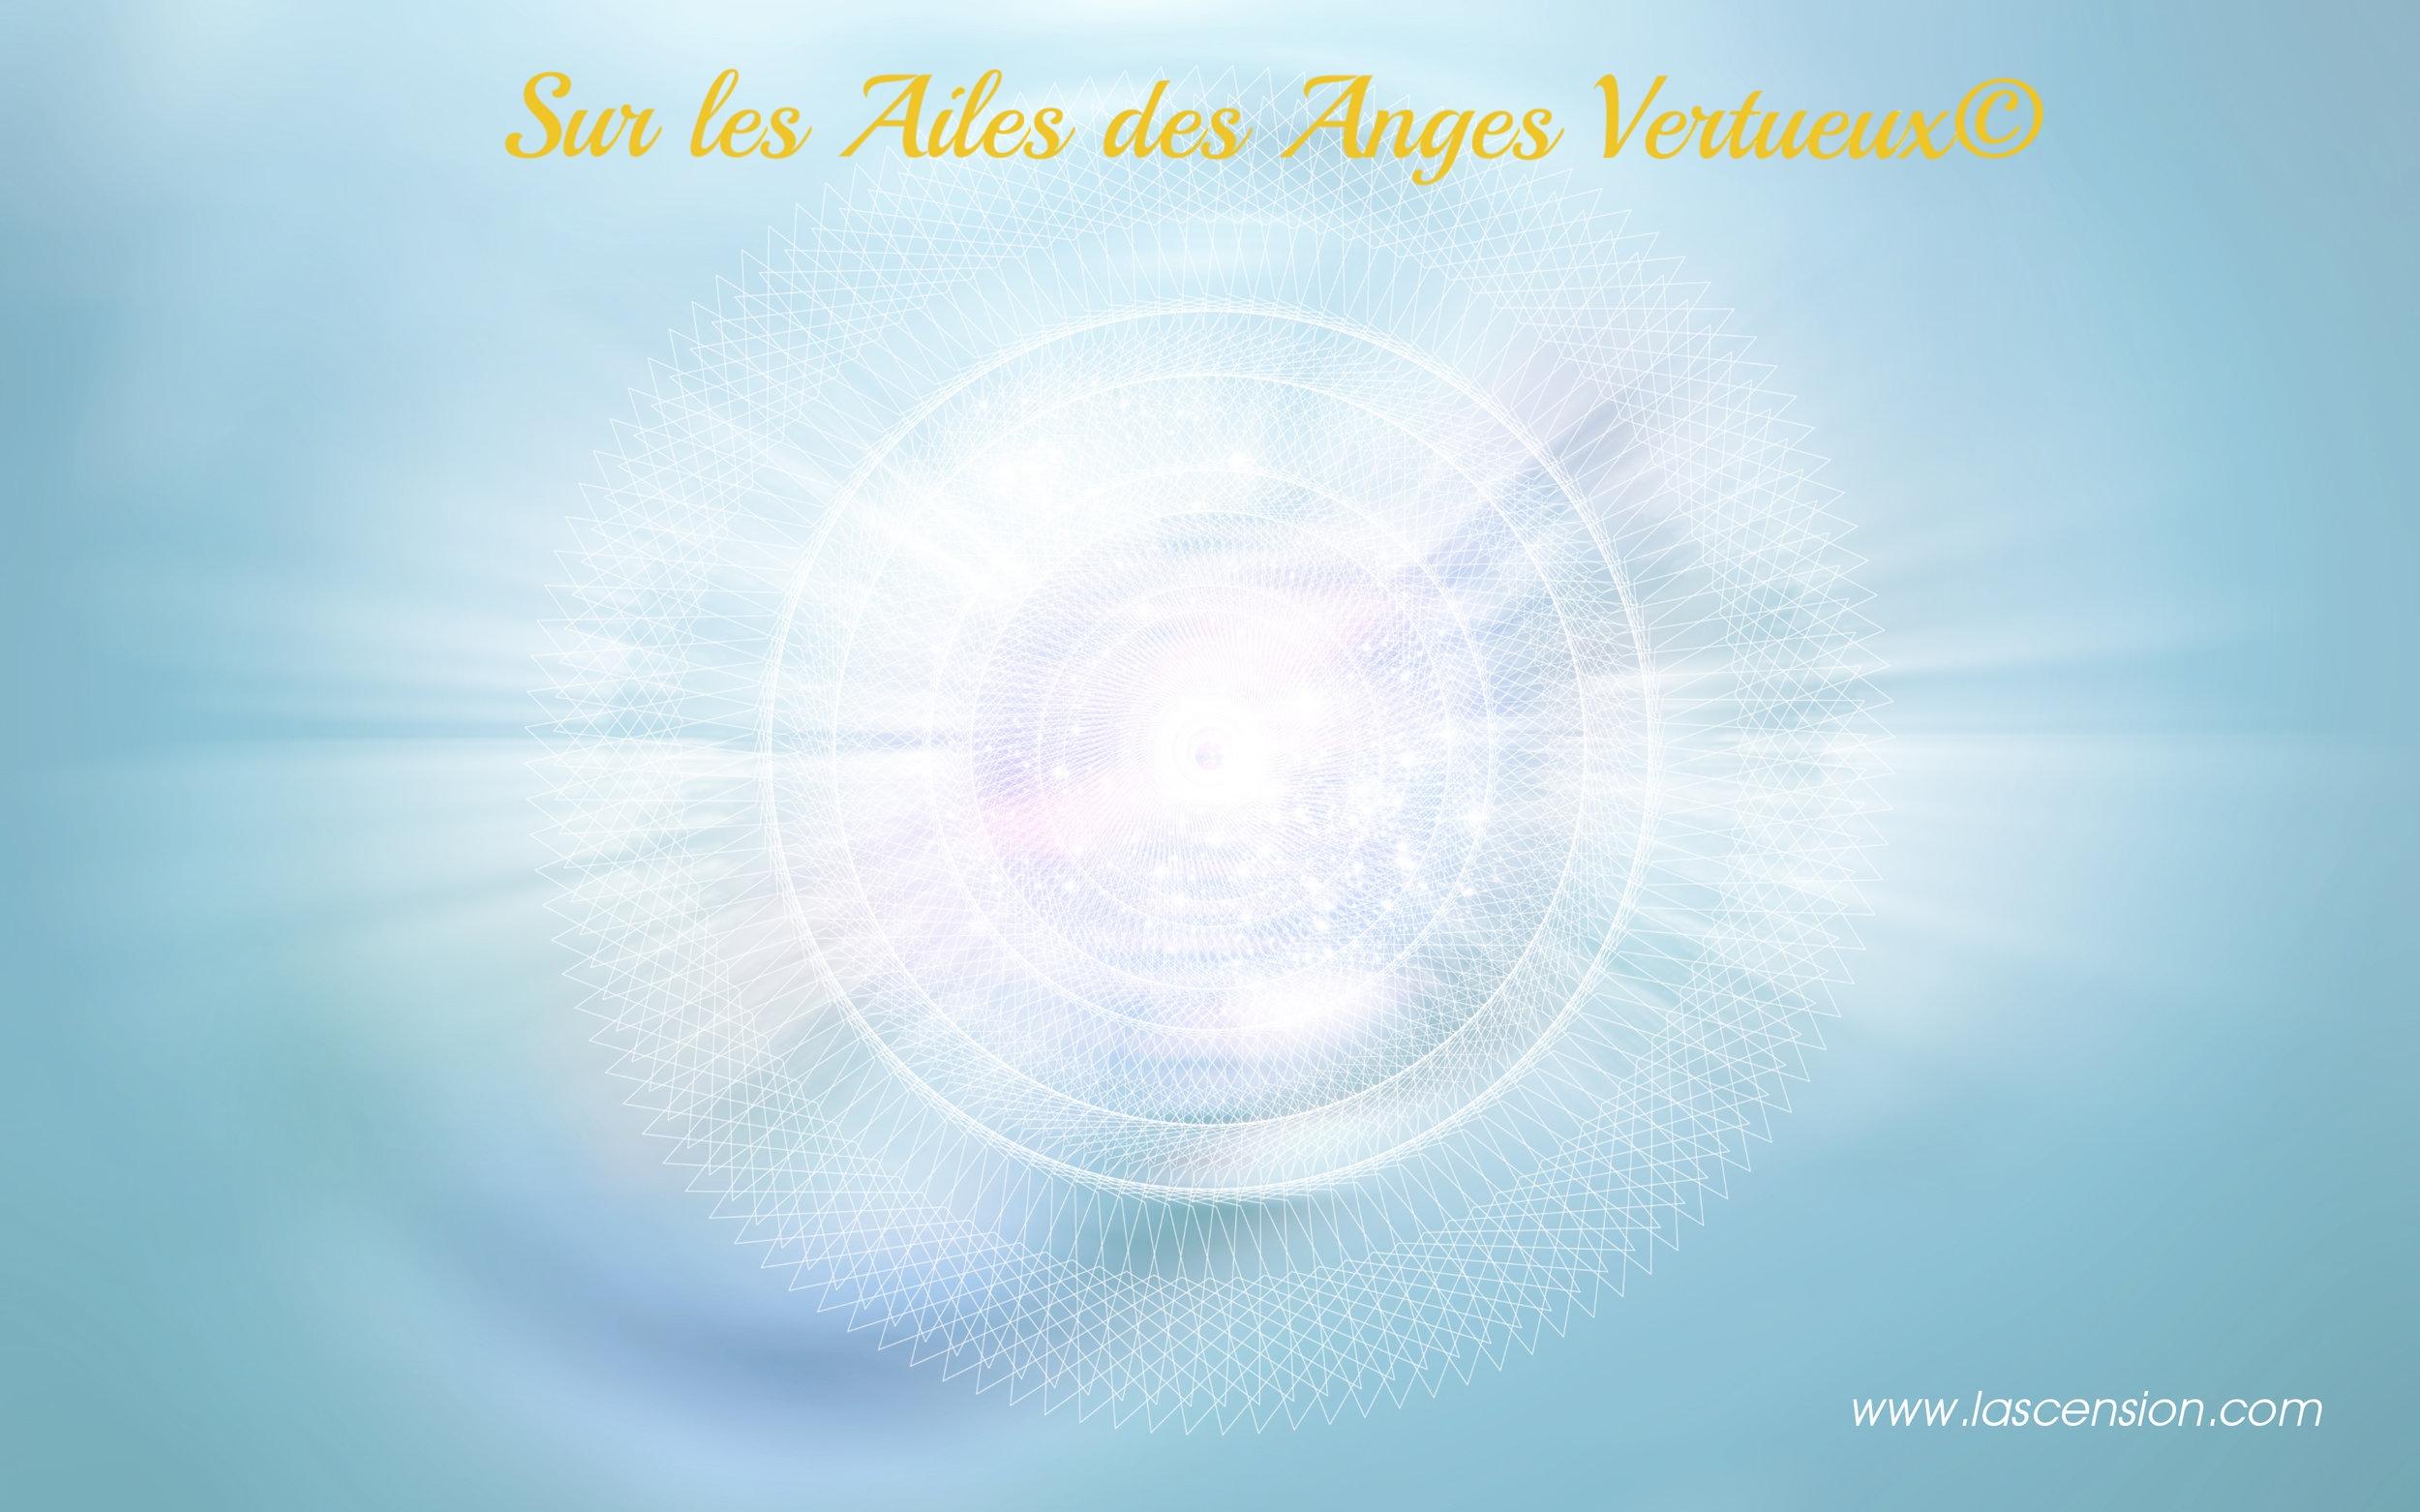 Création visuelle valérie béraud, tous droits réservés à www.lascension.com, merci.